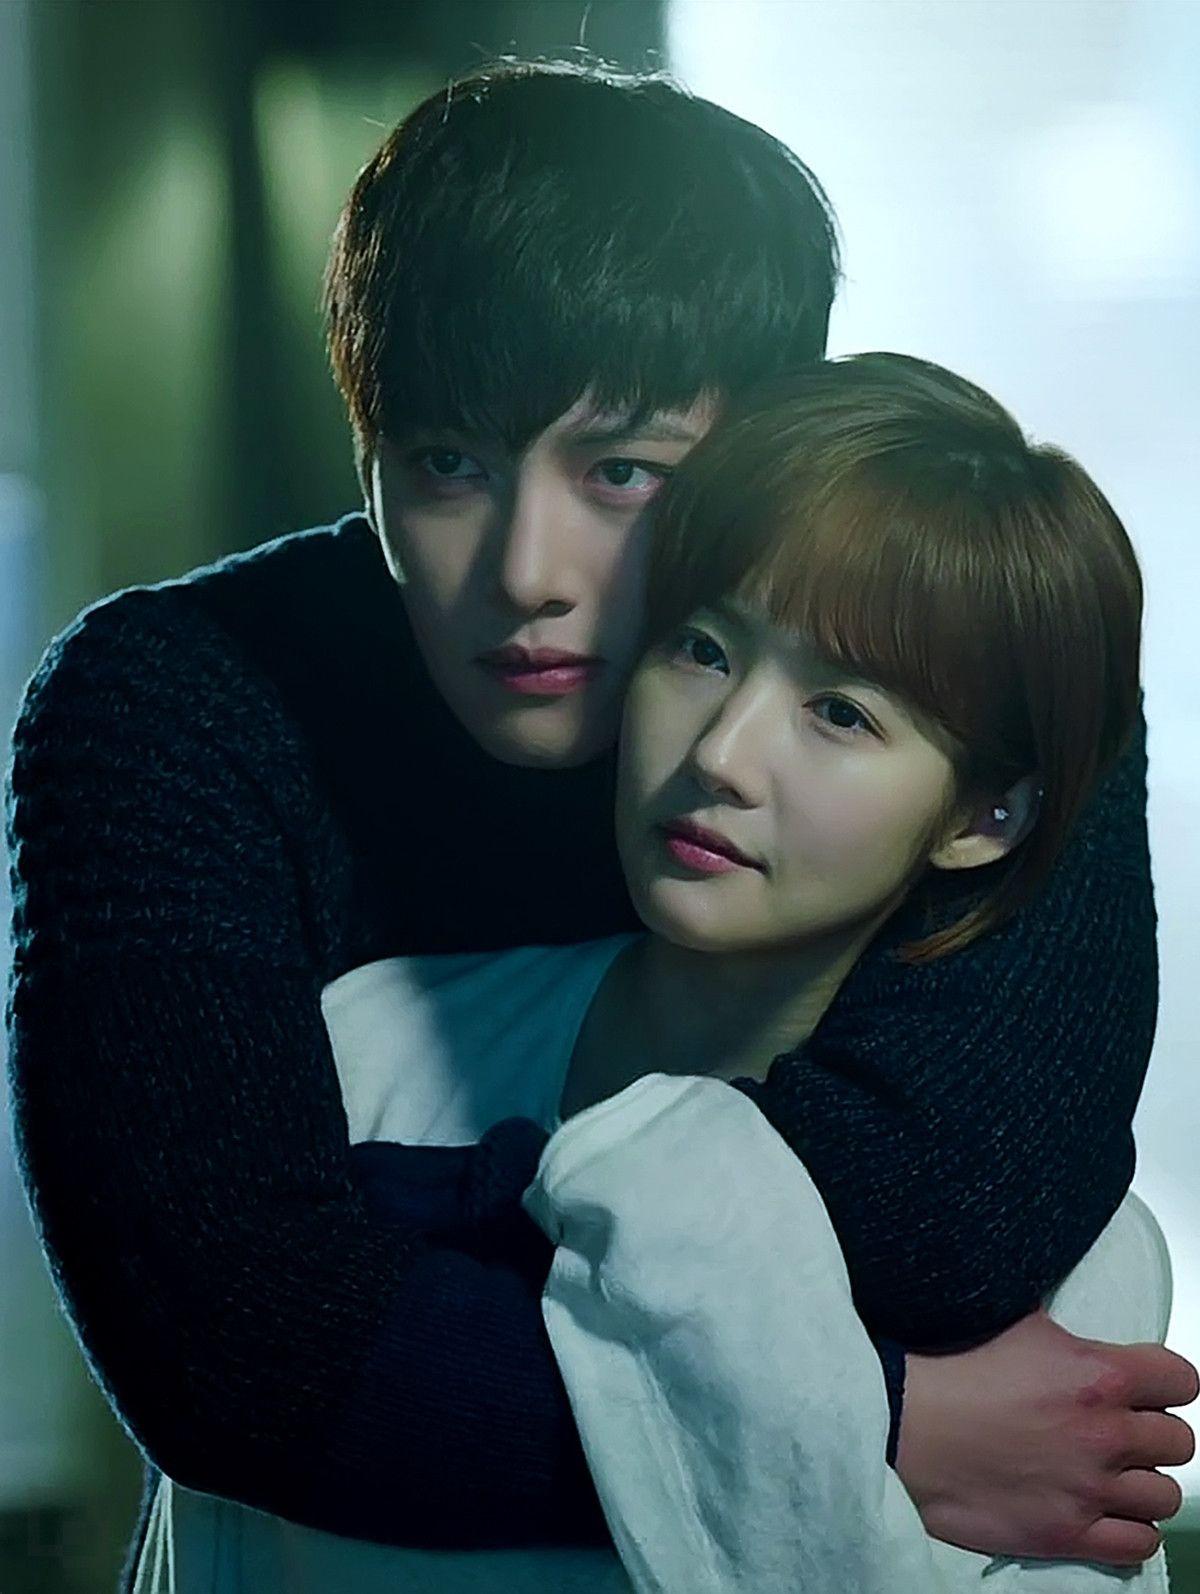 Nữ diễn viên nào là người may mắn nhất Hàn Quốc khi được kết hợp với loạt mỹ nam hàng đầu? - Hình 11